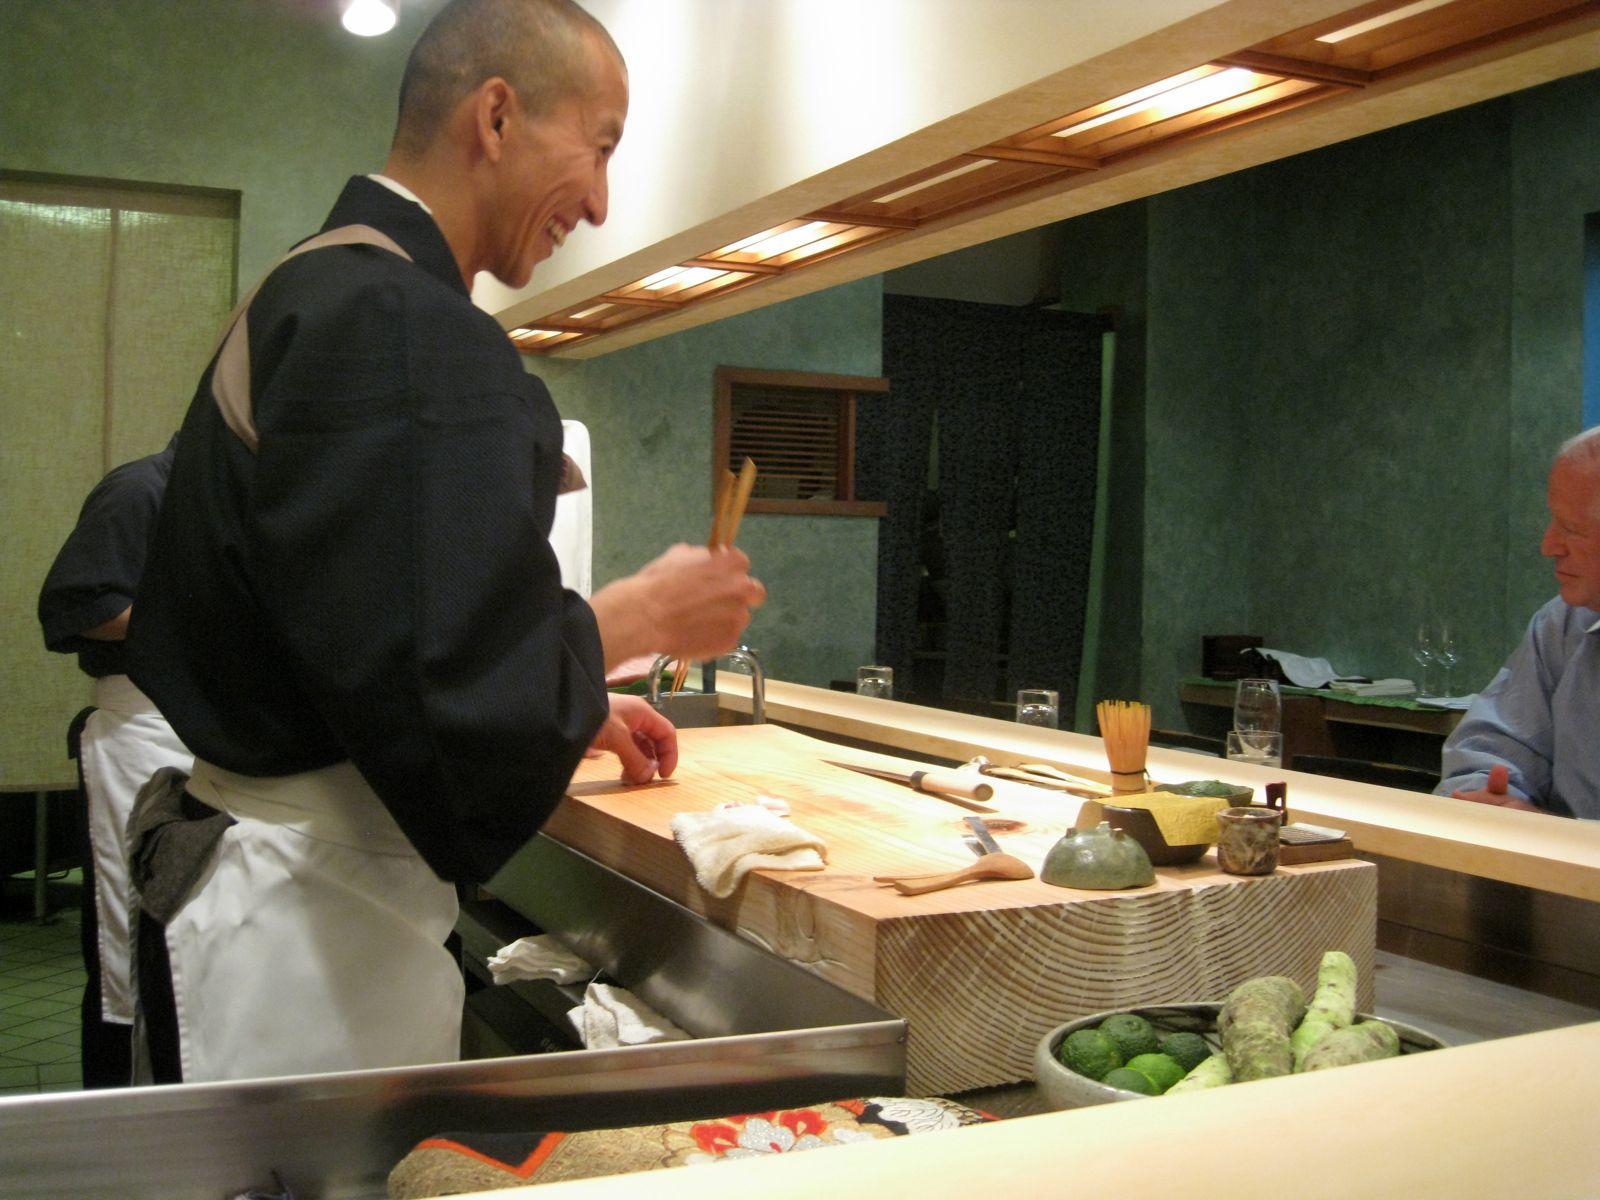 Chef Urasawa preparing sushi